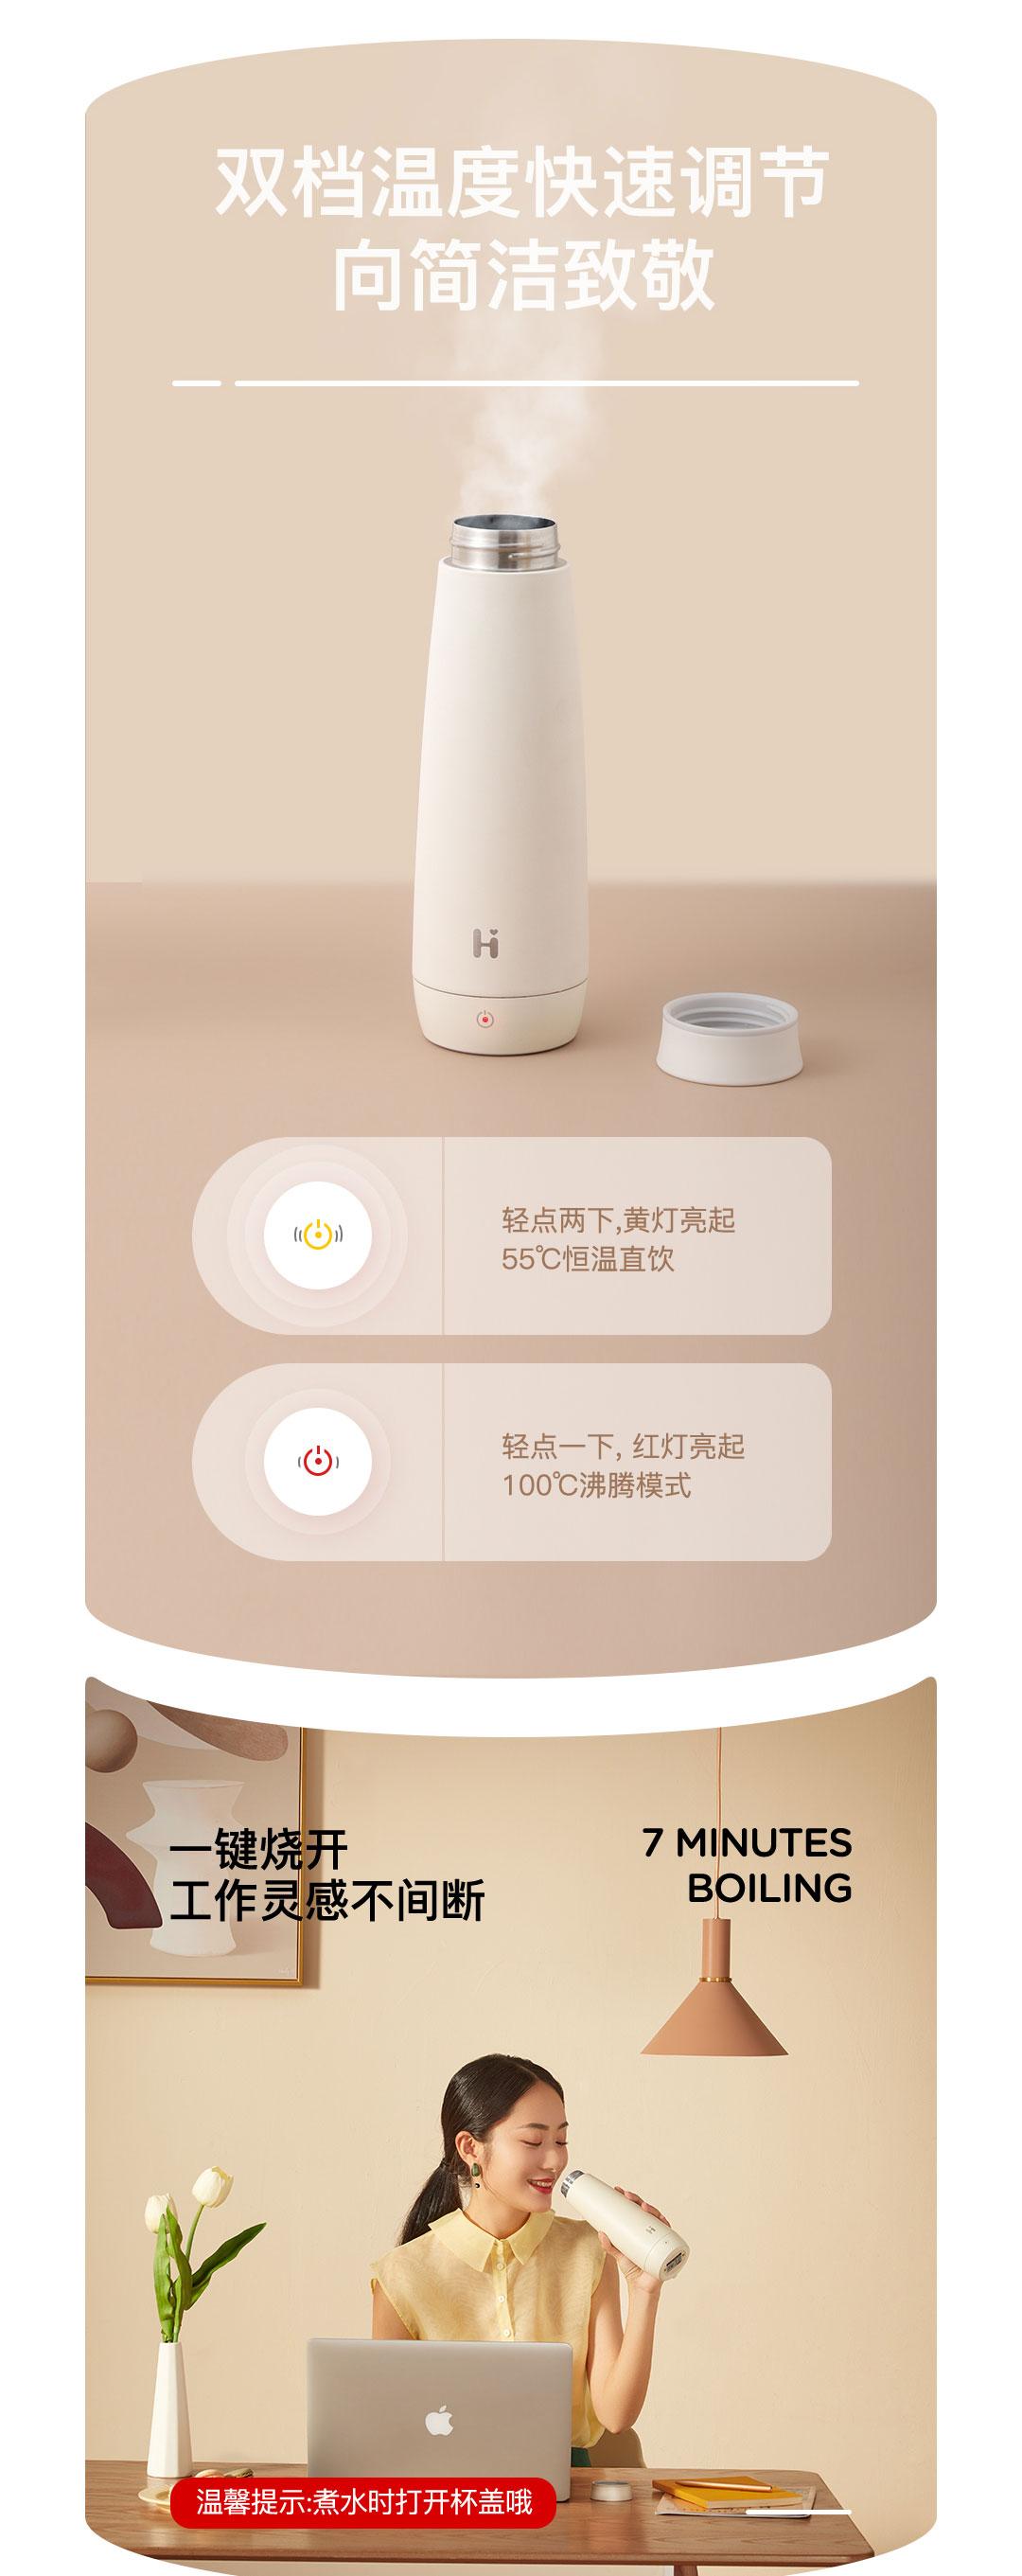 海氏便携式_电热烧水壶家用全自动保温